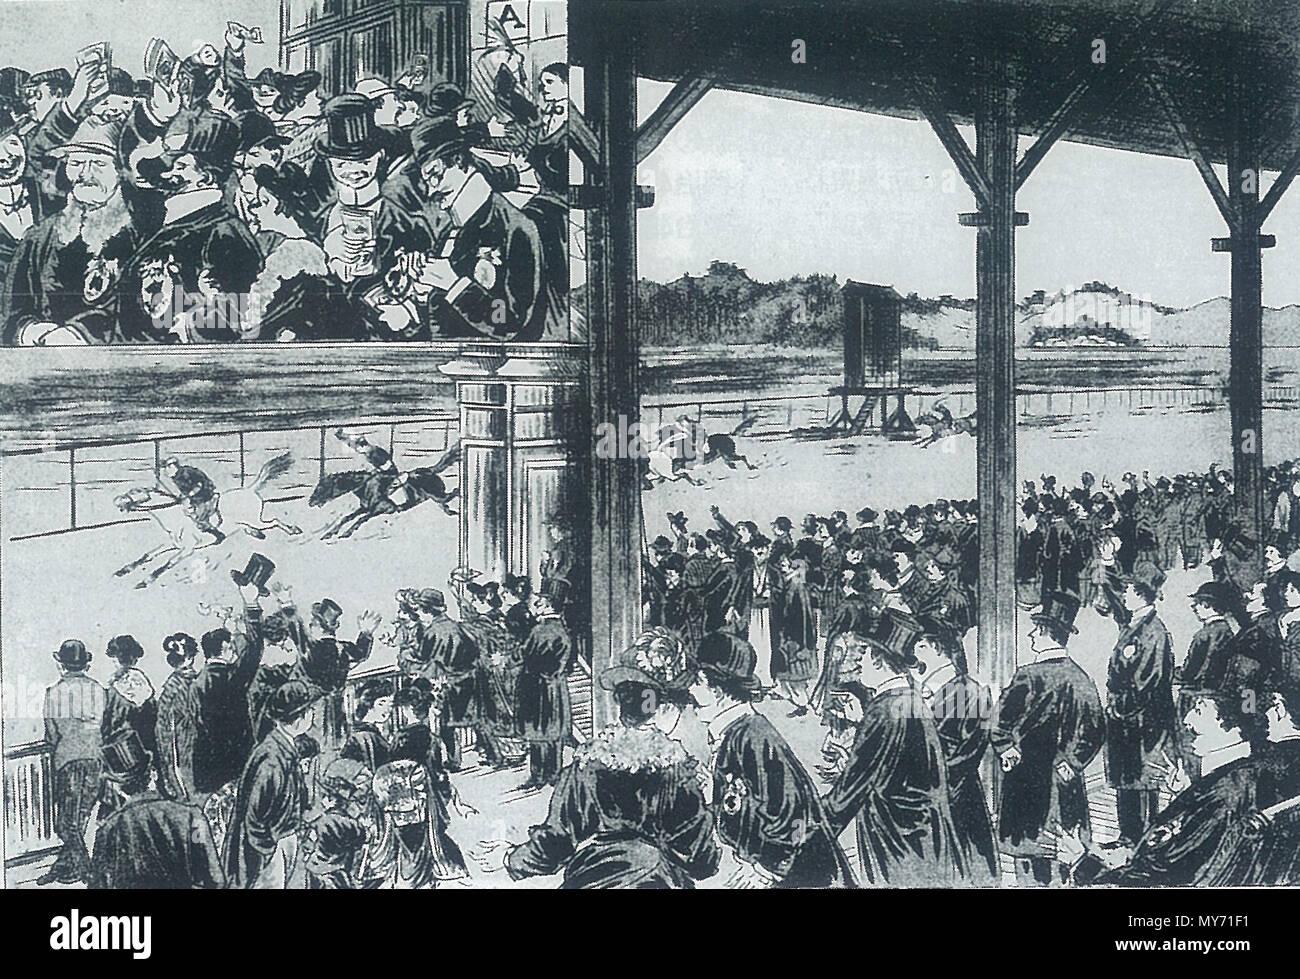 日本語: 池上競馬場 1907年(明治40年) メインスタンド風景 English ...